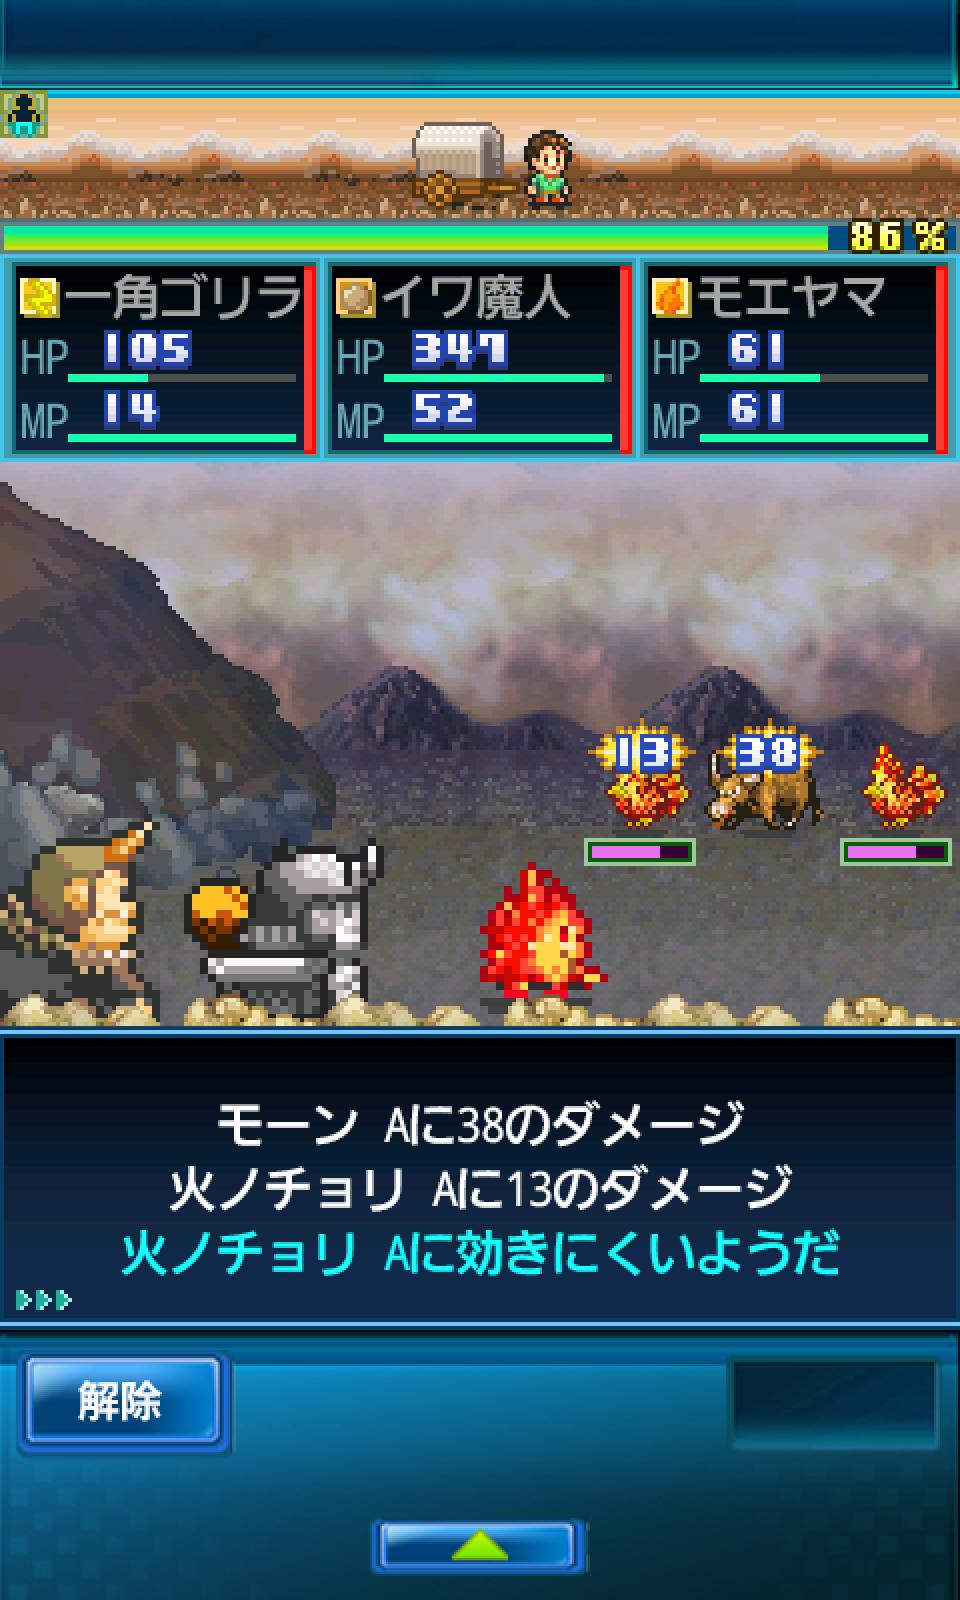 開拓サバイバル島 screenshot #11